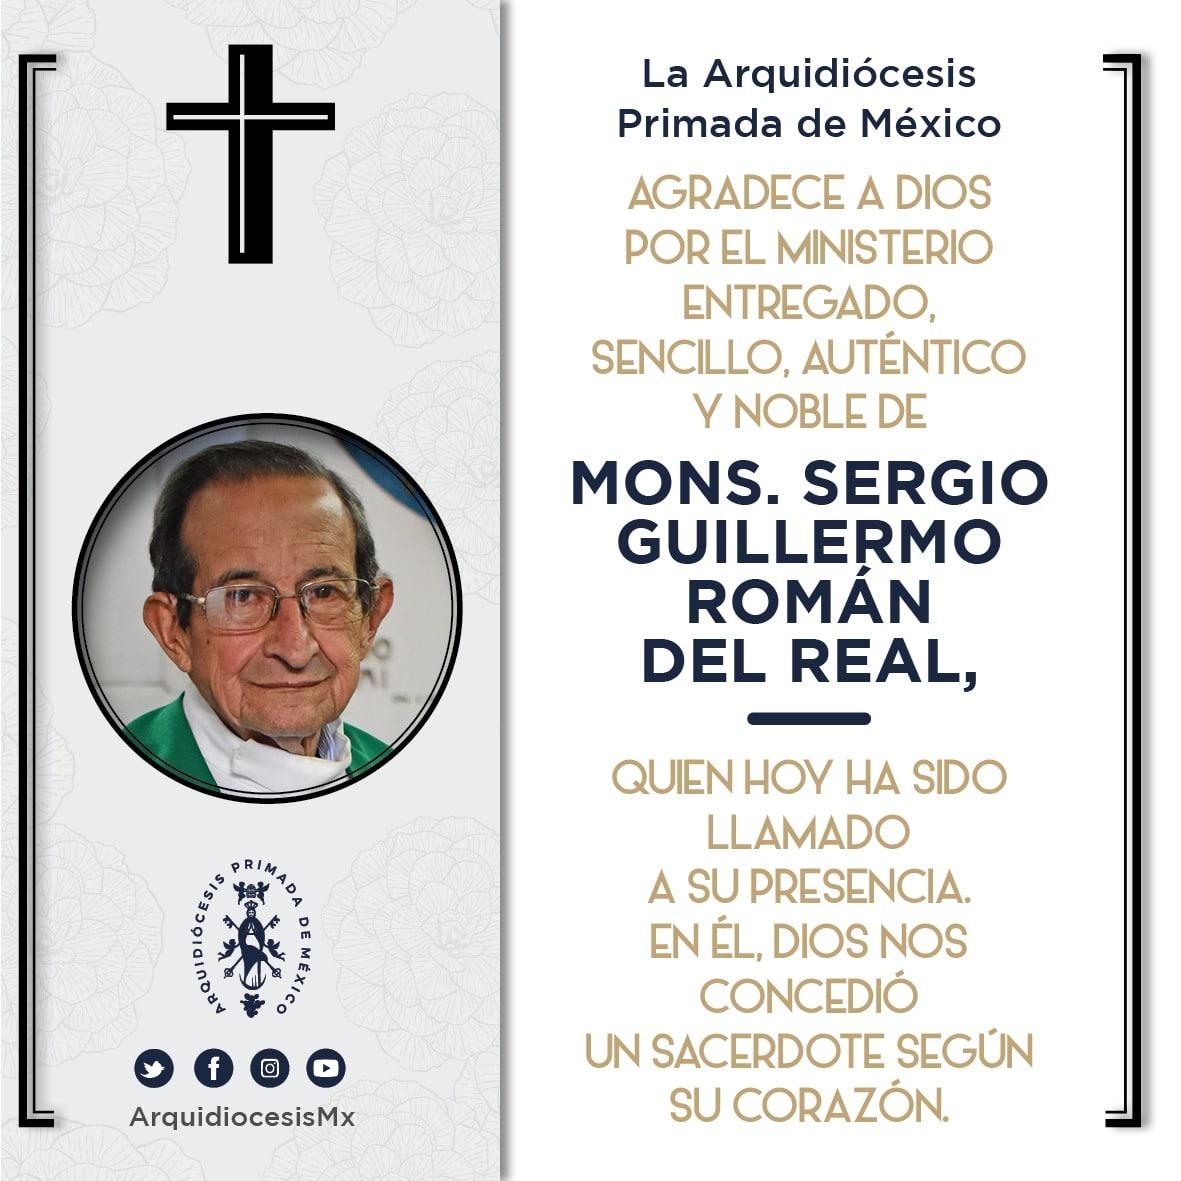 Esquela de la Arquidiócesis de México por el fallecimiento del P. Sergio Román del Real